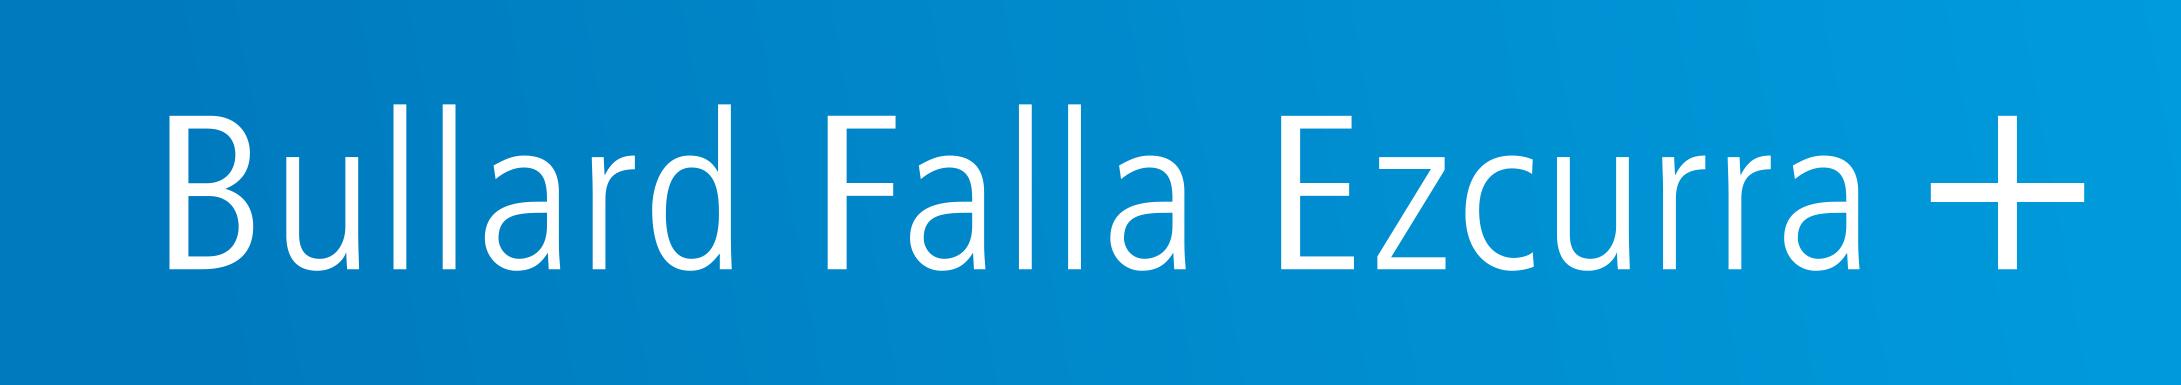 Bullard Falla Ezcurra +